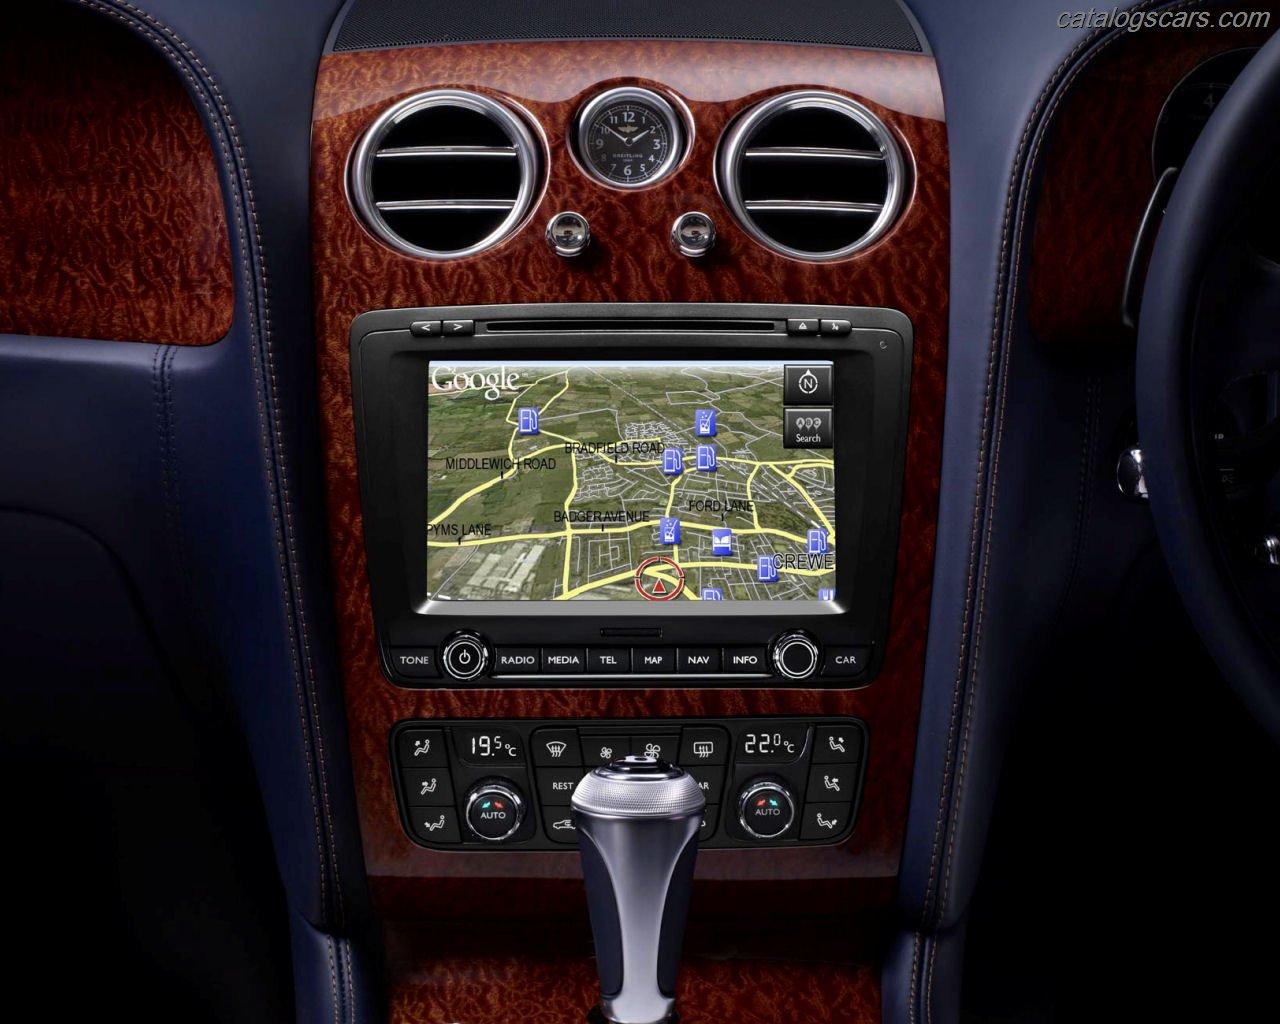 صور سيارة بنتلى كونتيننتال سيريس 51 2014 - اجمل خلفيات صور عربية بنتلى كونتيننتال سيريس 51 2014 - Bentley Continental Series 51 Photos Bentley-Continental-Series-51-2011-16.jpg